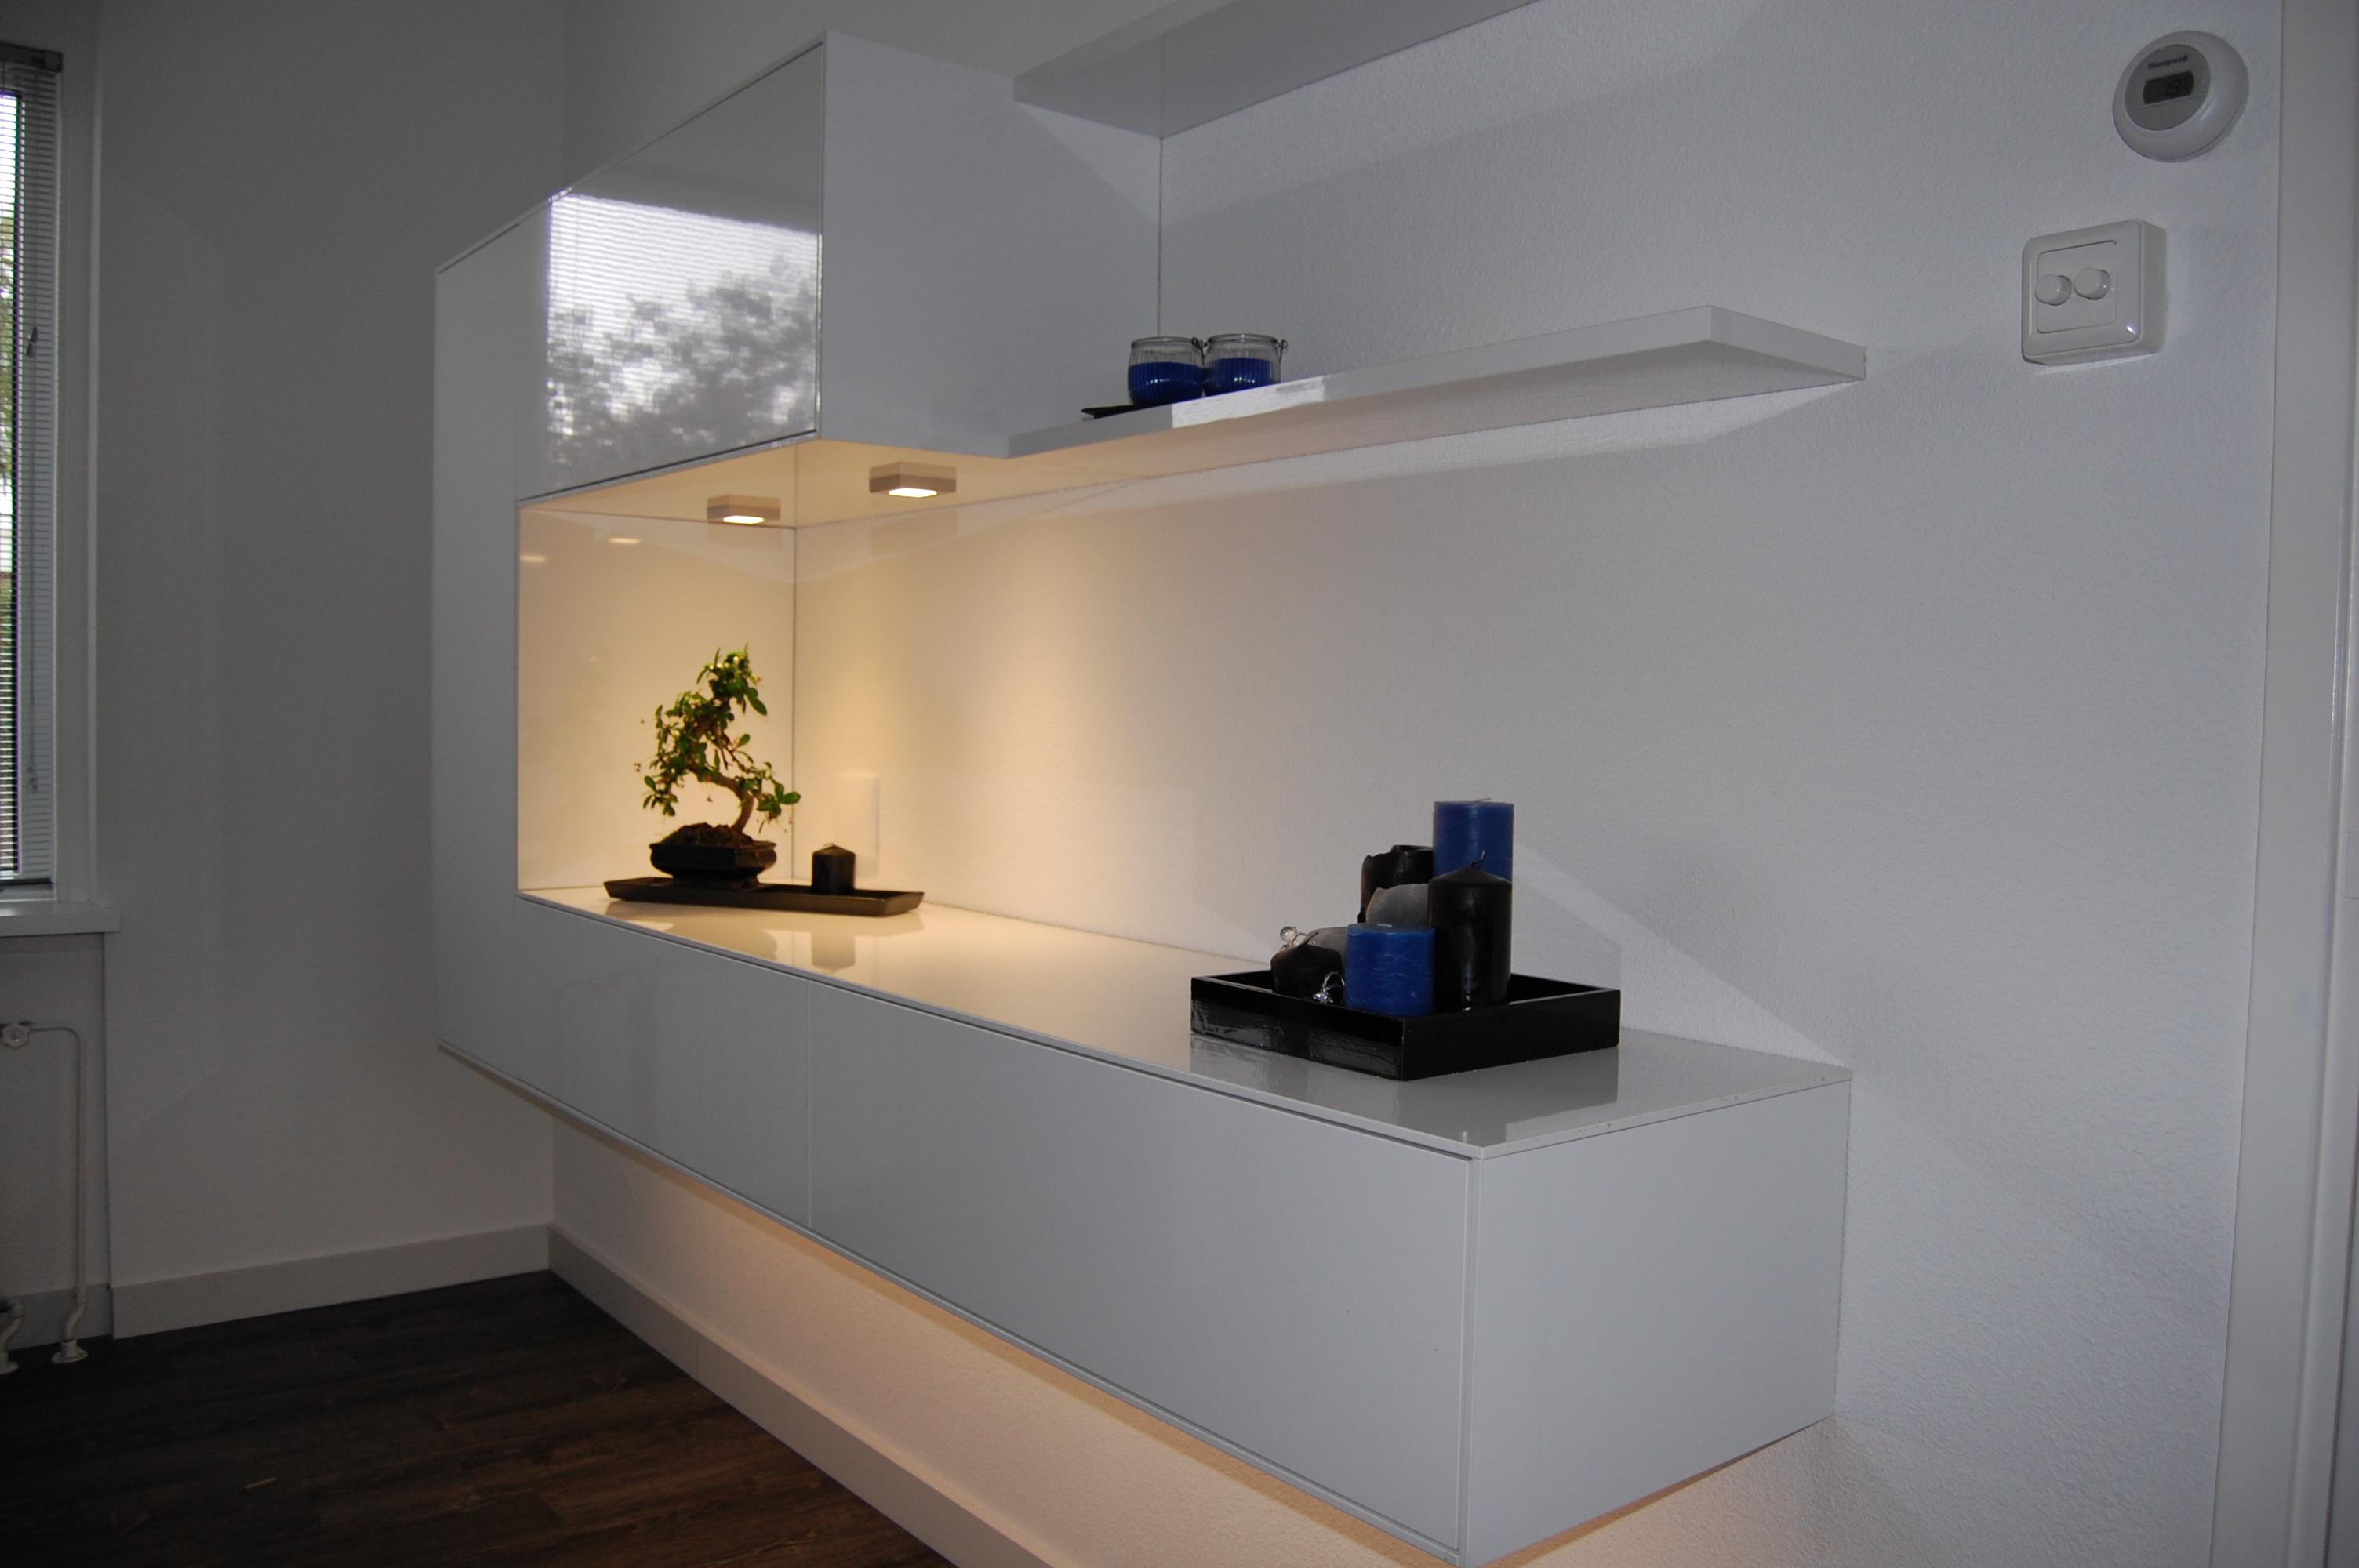 Keurmerken Van Keukenzaken : Hl keukens en kasten gespecialiseerd in maatwerk en design